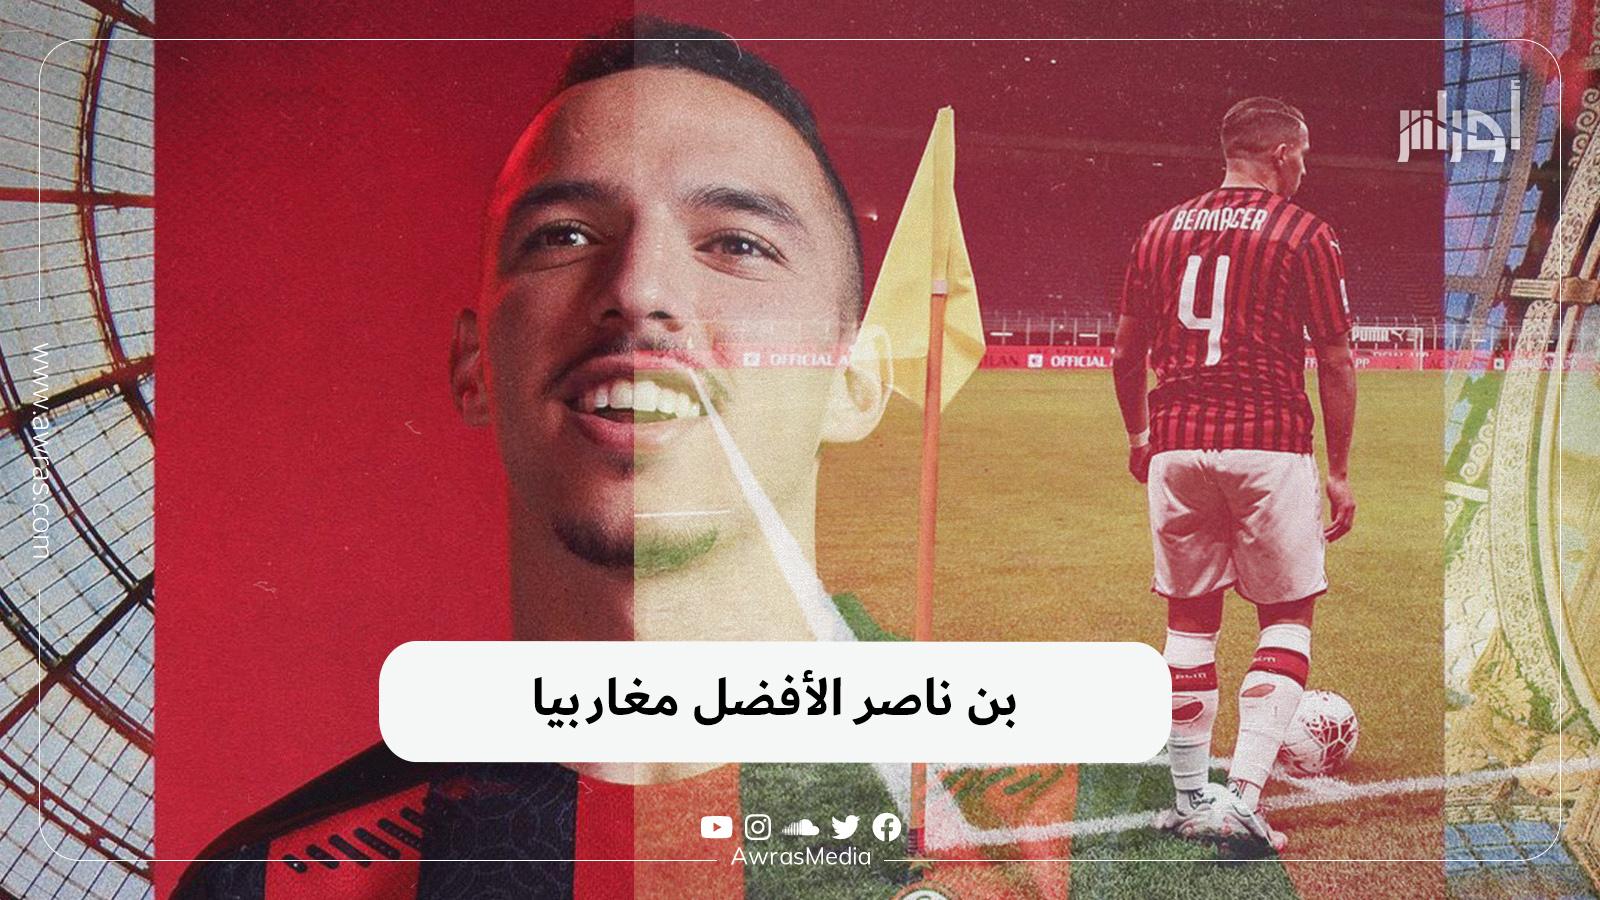 بن ناصر الأفضل مغاربيا